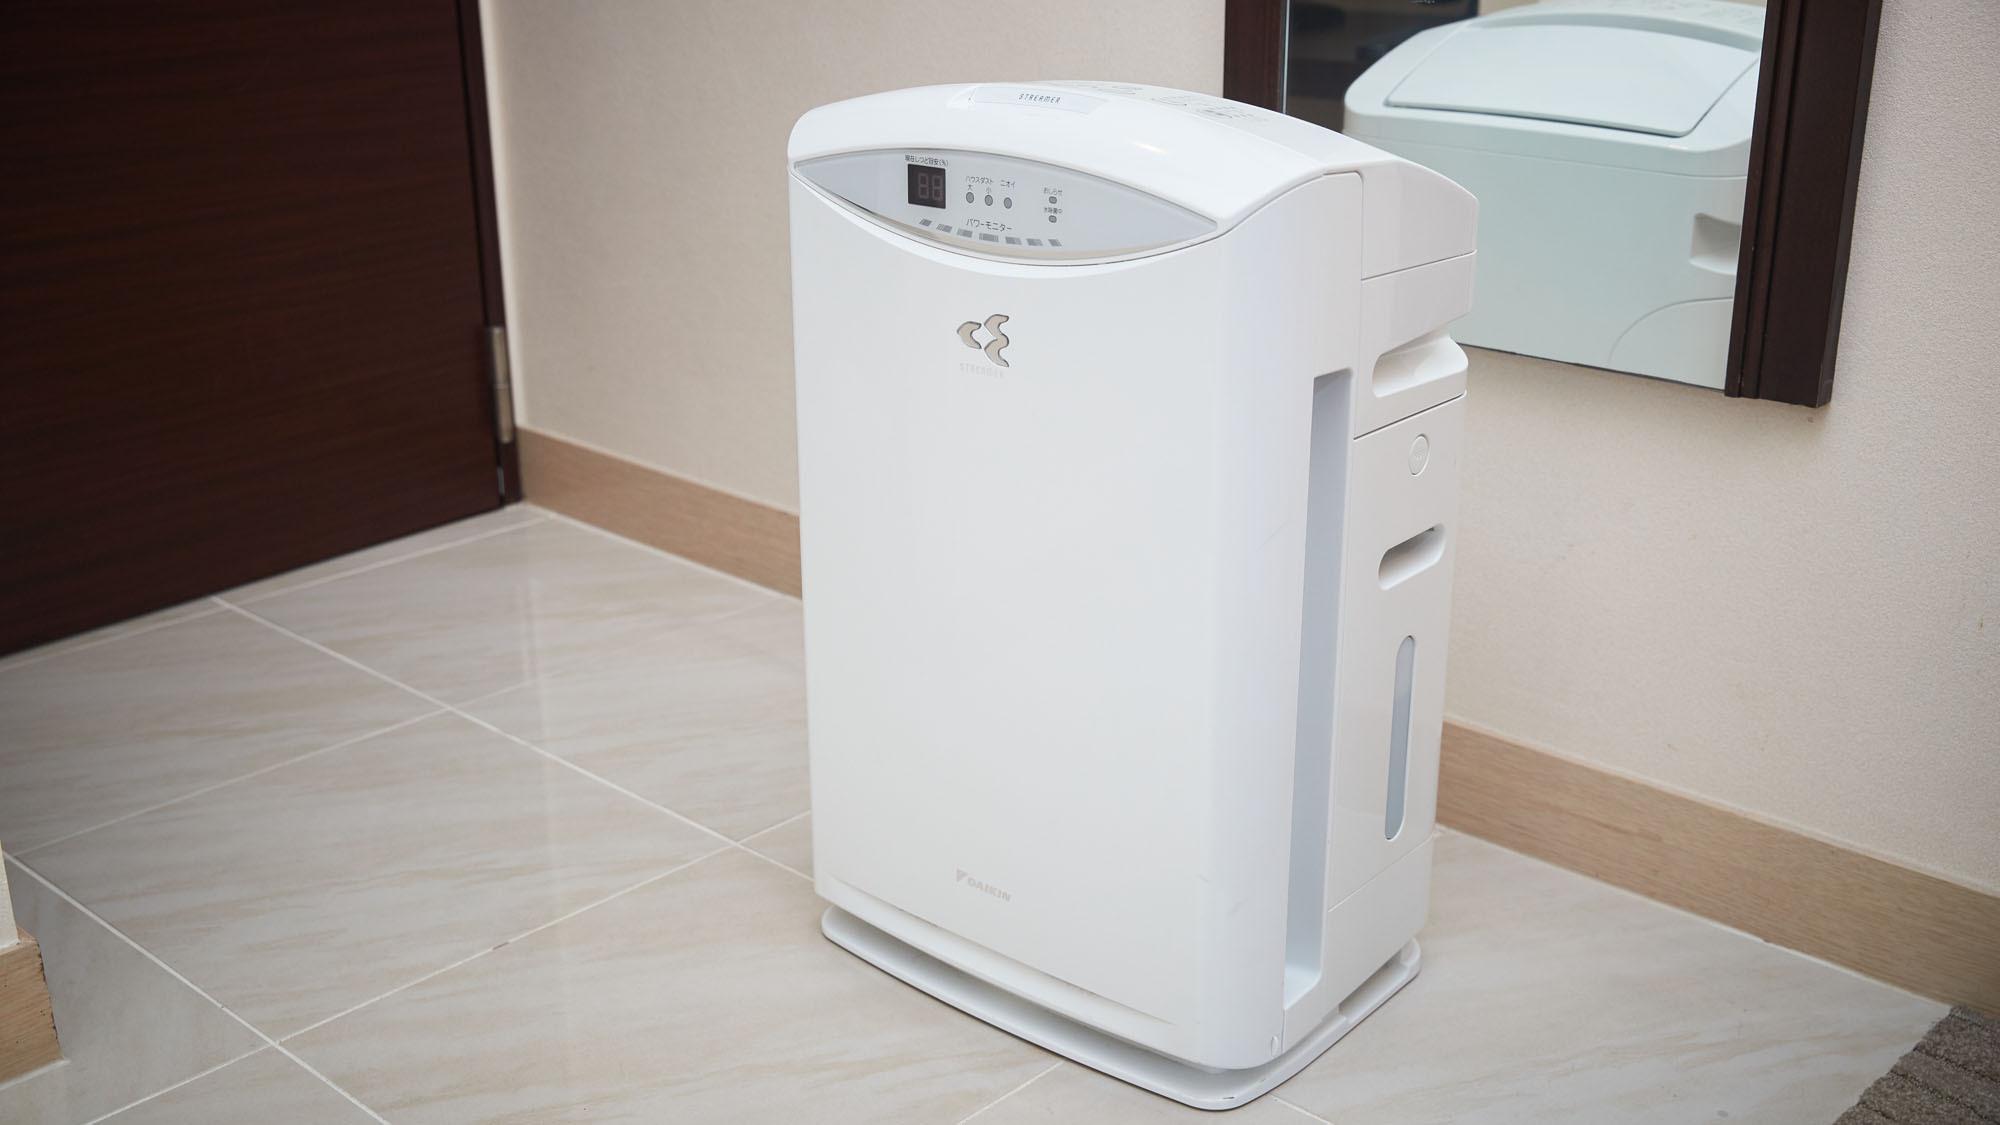 【客室設備】空気清浄機